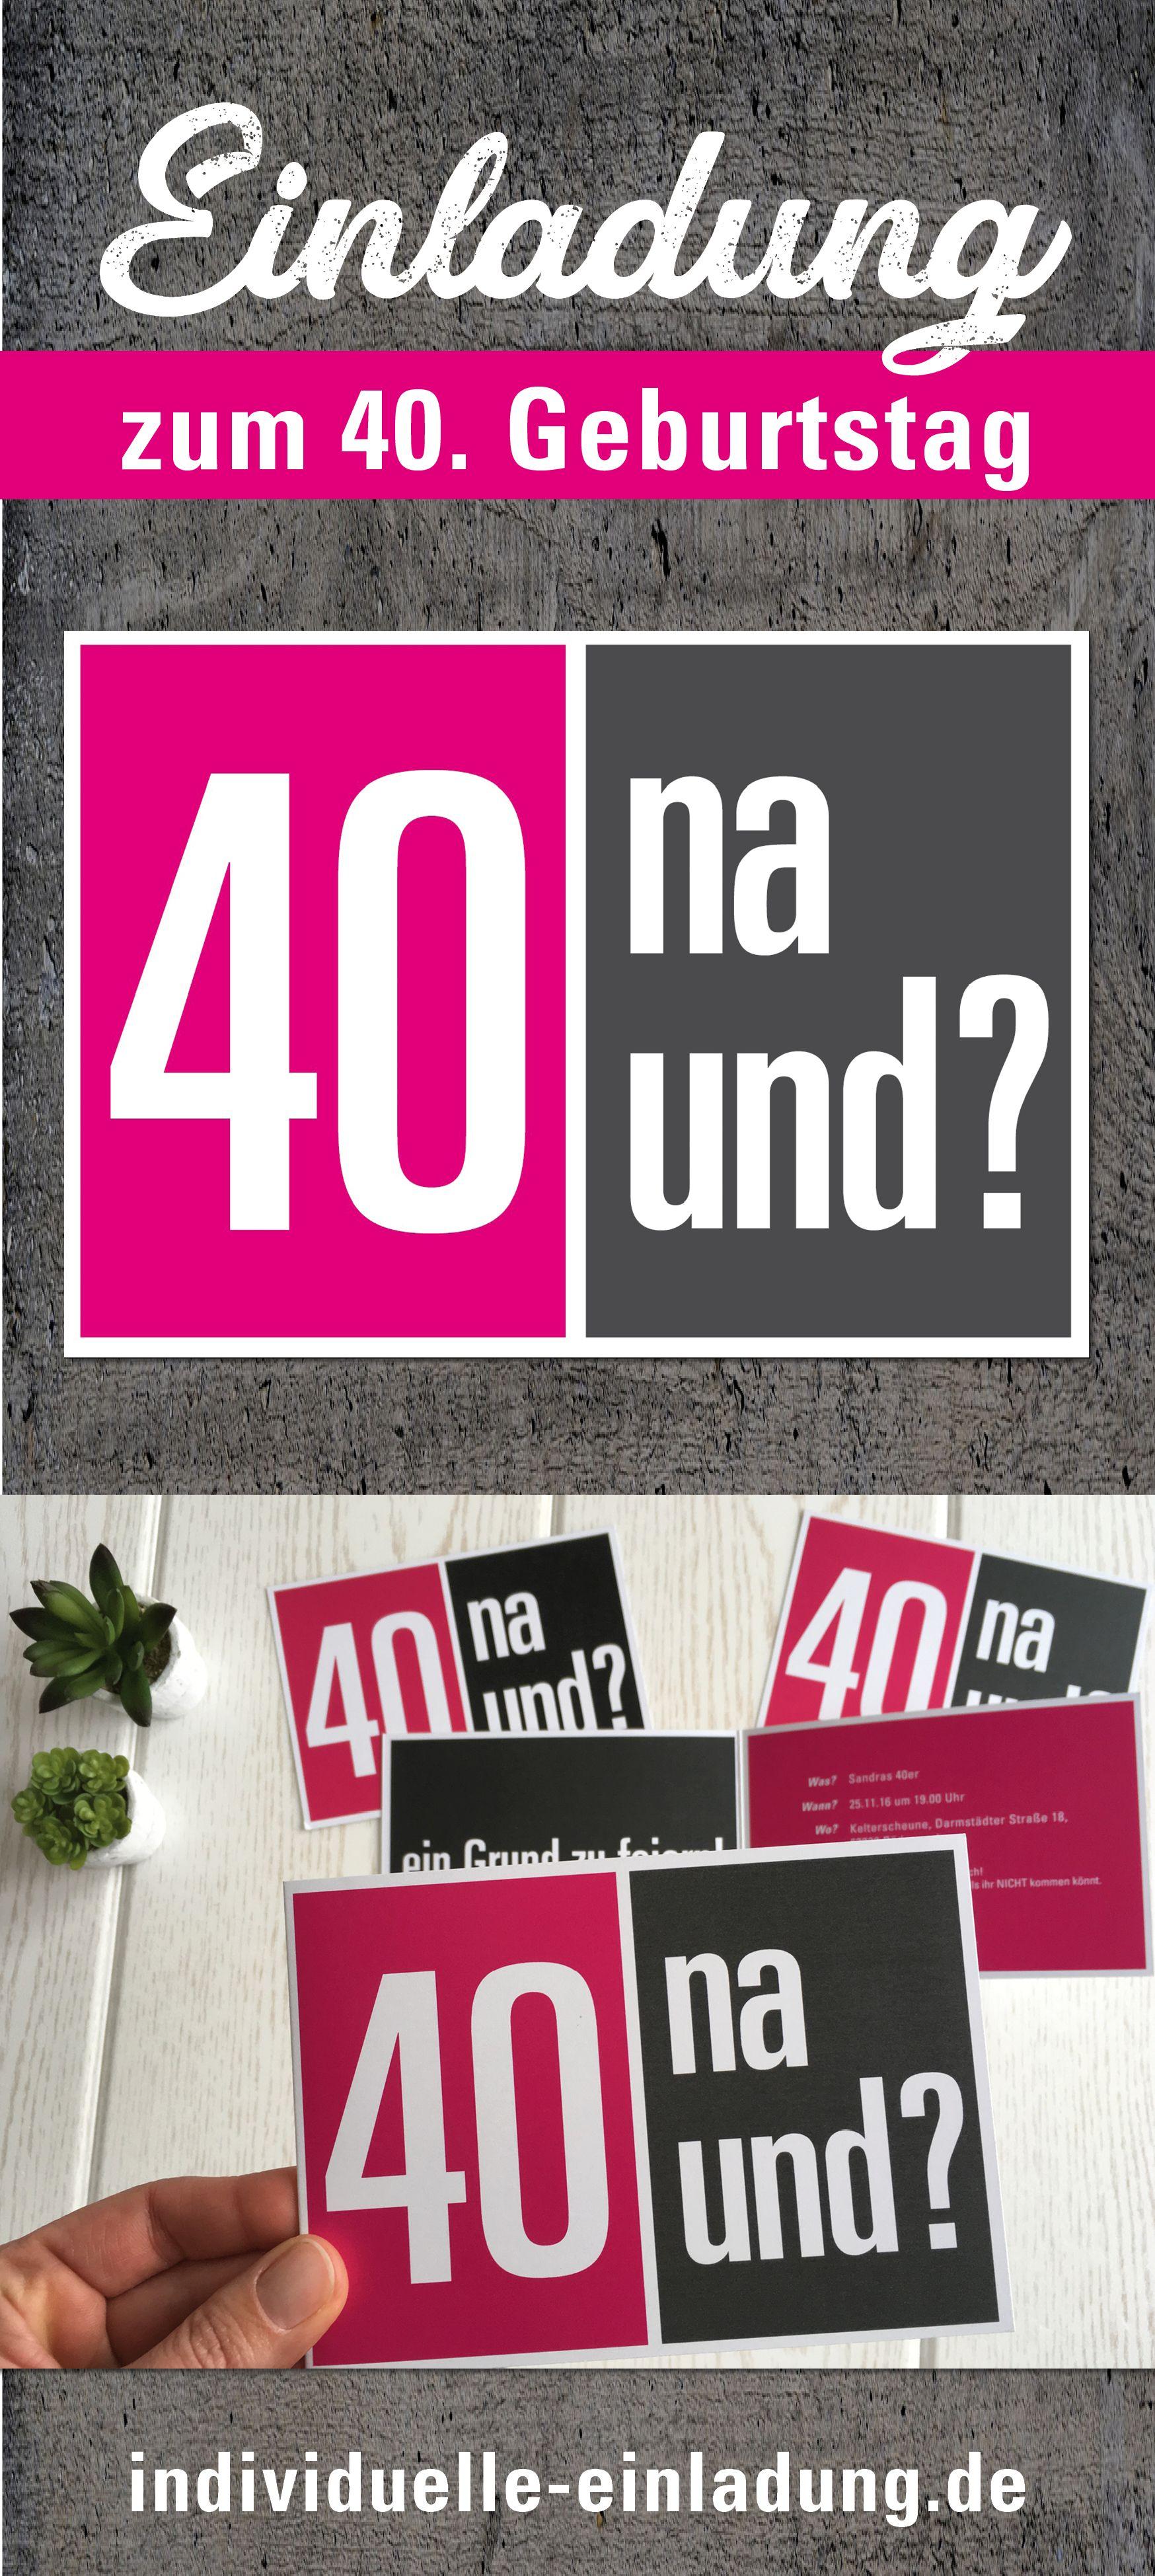 Einladungskarte Zum 40 Geburtstag 40 Na Und Ein Grund Zu